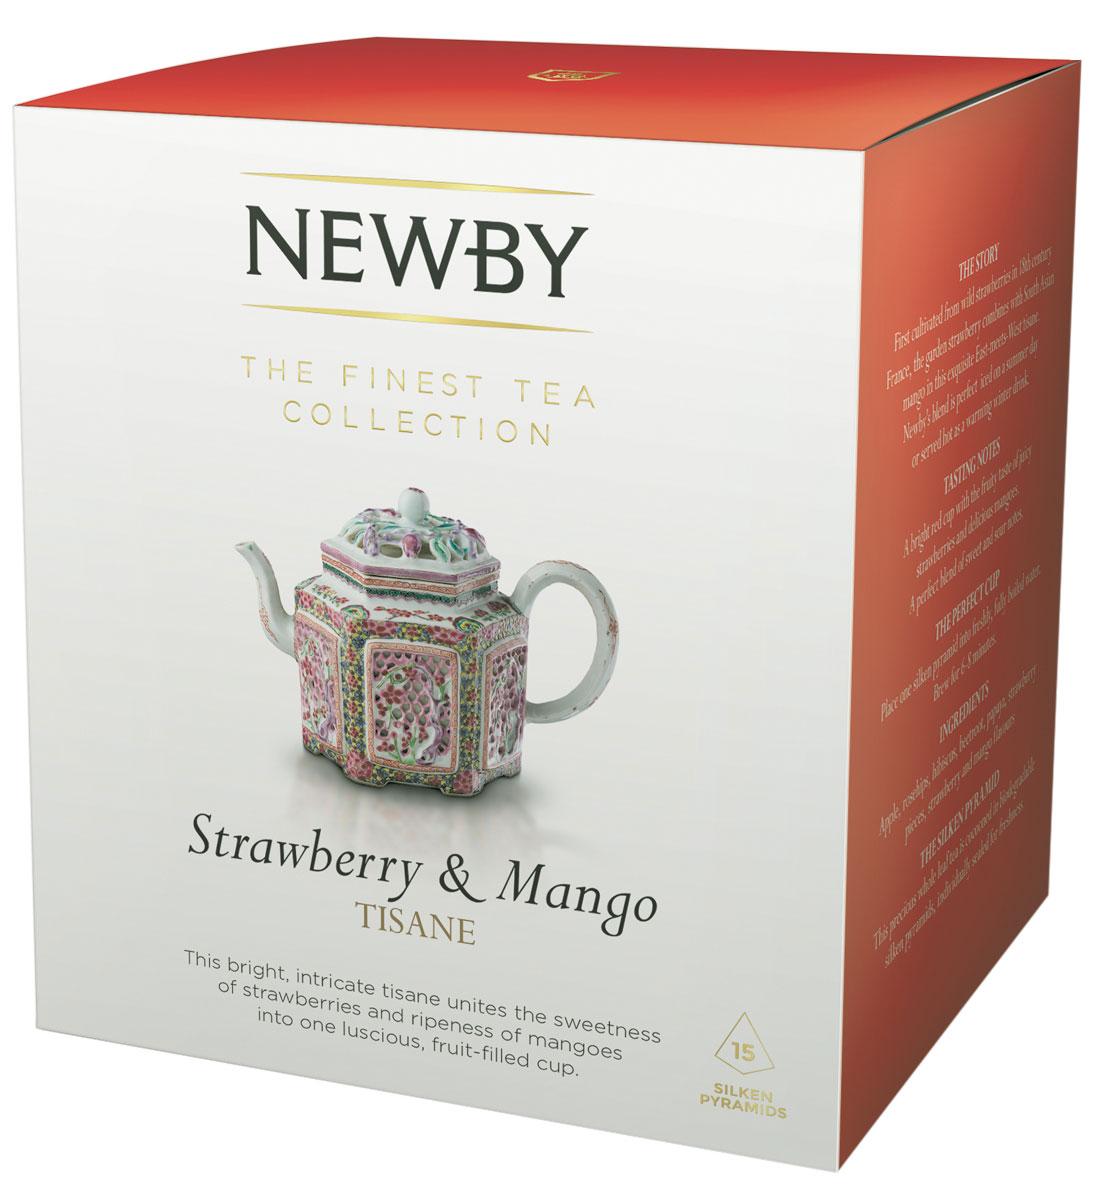 Newby Strawberry & Mango (infusion) фруктовый напиток в пирамидках, 15 штTALTHB-DP0021Newby Strawberry & Mango - вкуснейший фруктовый напиток. Мягкий вкус тропических фруктов с легкой кислинкой летних ягод и ароматом спелого манго. Каждая пирамидка упакована в индивидуальное саше из алюминиевой фольги для сохранения свежести ингредиентов.